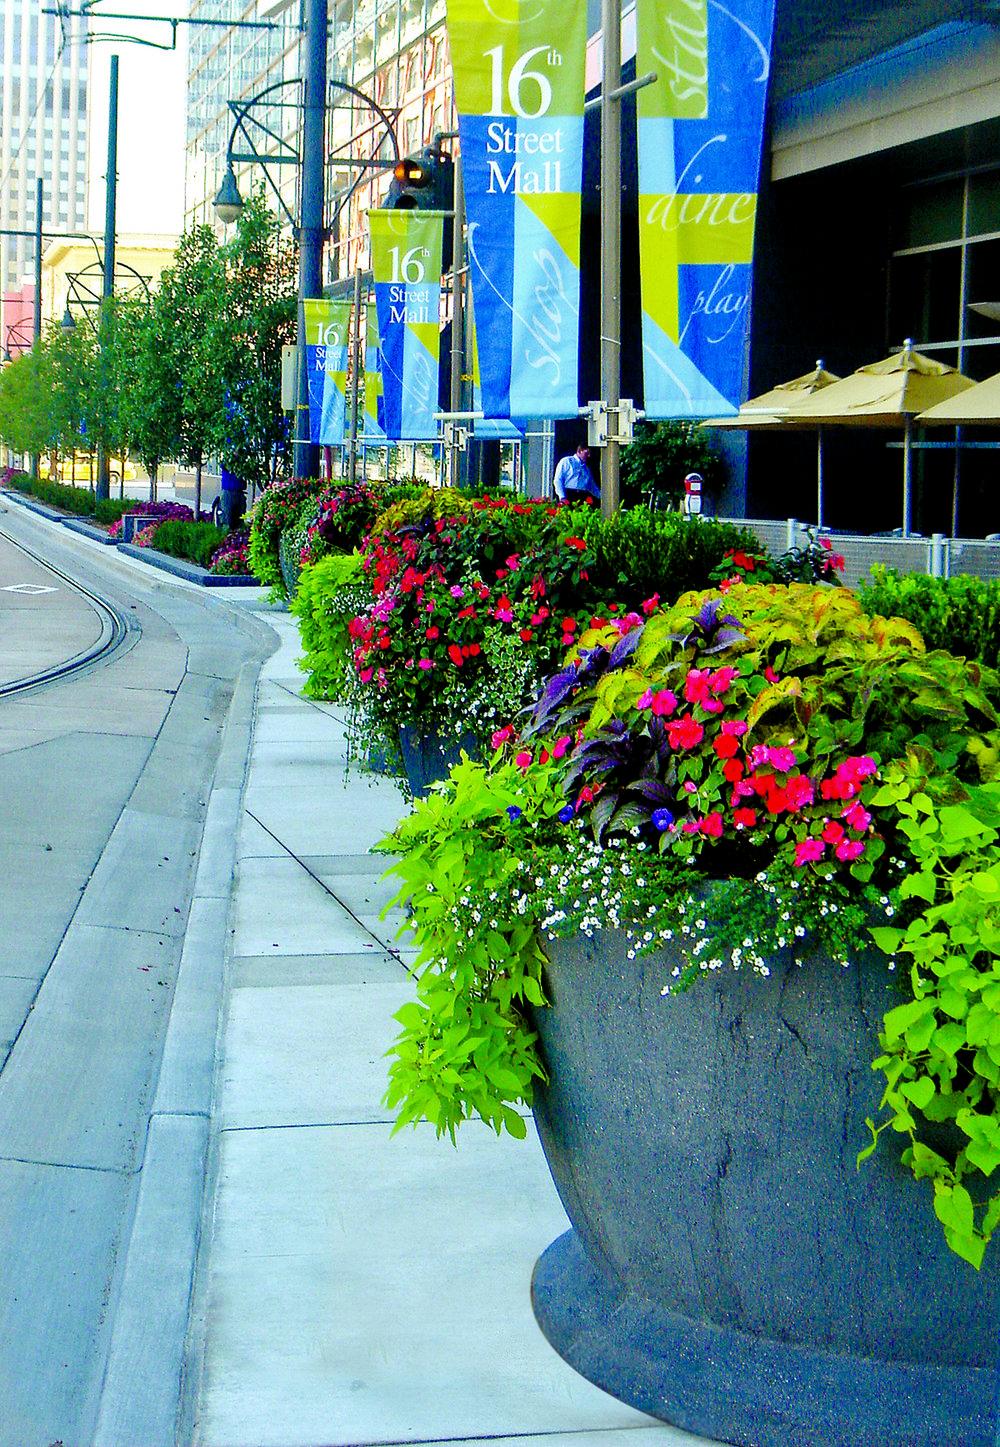 """<imgsrc=""""studioINSITE_Denver_Hyatt_California_St_Streetscape""""alt=""""Denver_Hotel_Urban Design_ Landscape Architecture_Hyatt Regency_Denver_Hotel_Urban Center_Light Rail, Convention Center, Urban Design""""title=""""Hyatt Regency Denver""""/>"""